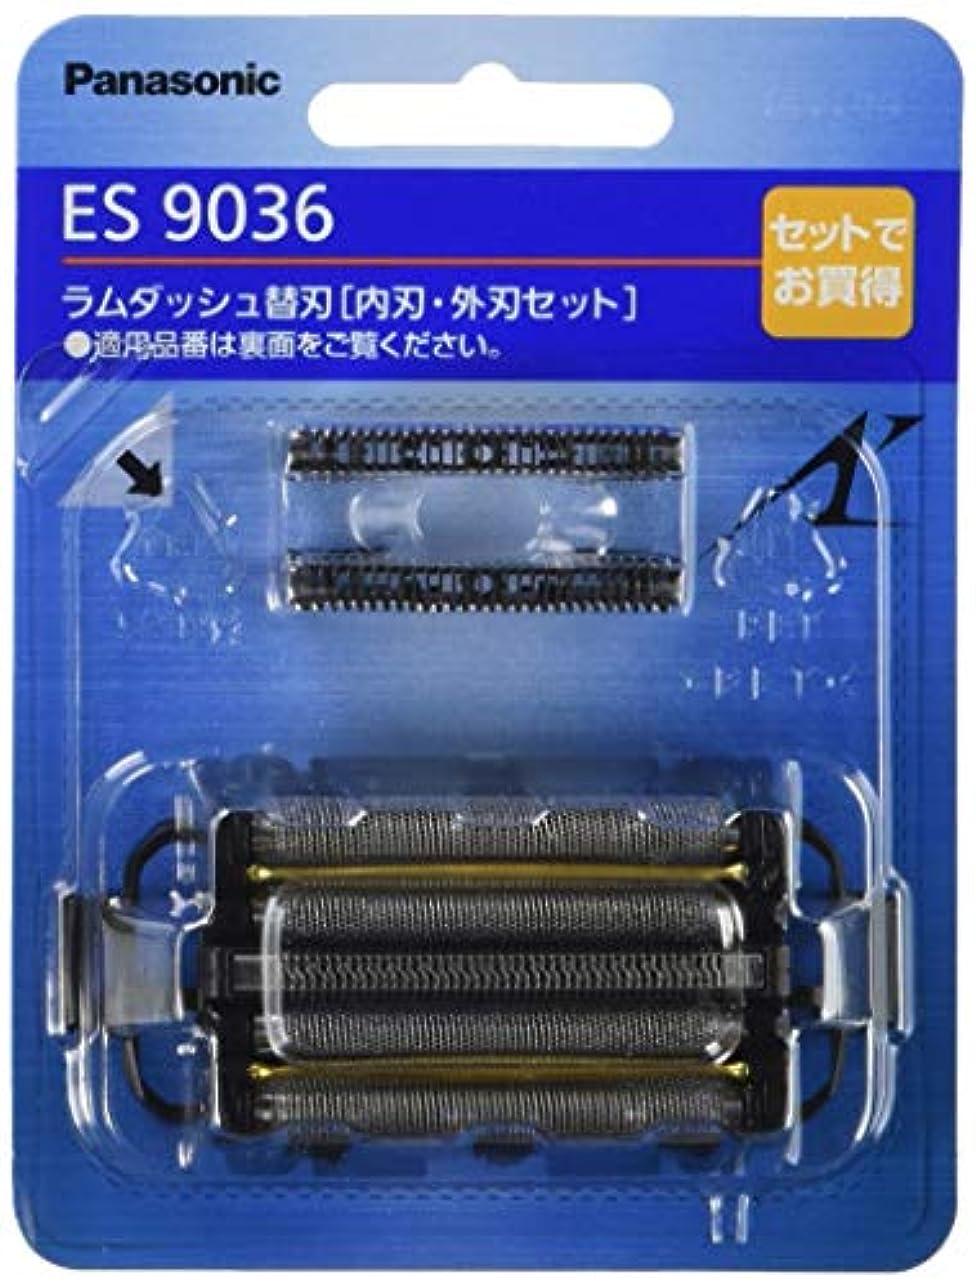 ホット創傷力パナソニック 替刃 メンズシェーバー用 セット刃 ES9036